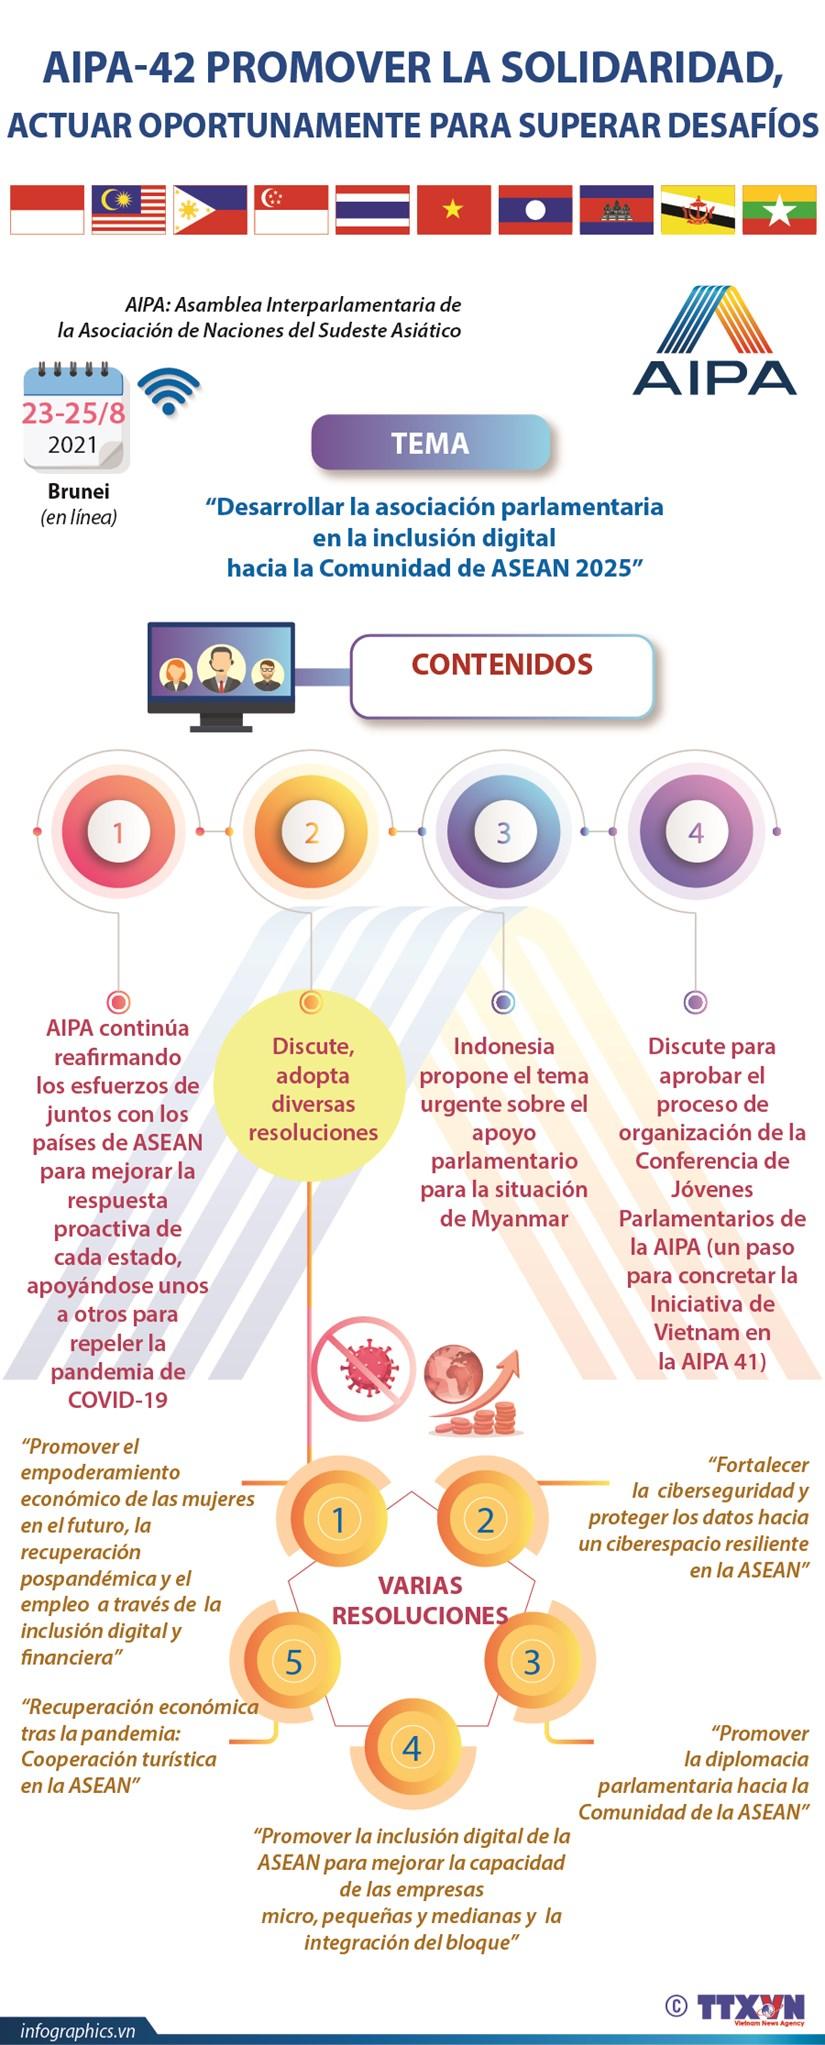 AIPA 42: Promueven la solidaridad para superar los desafios hinh anh 1